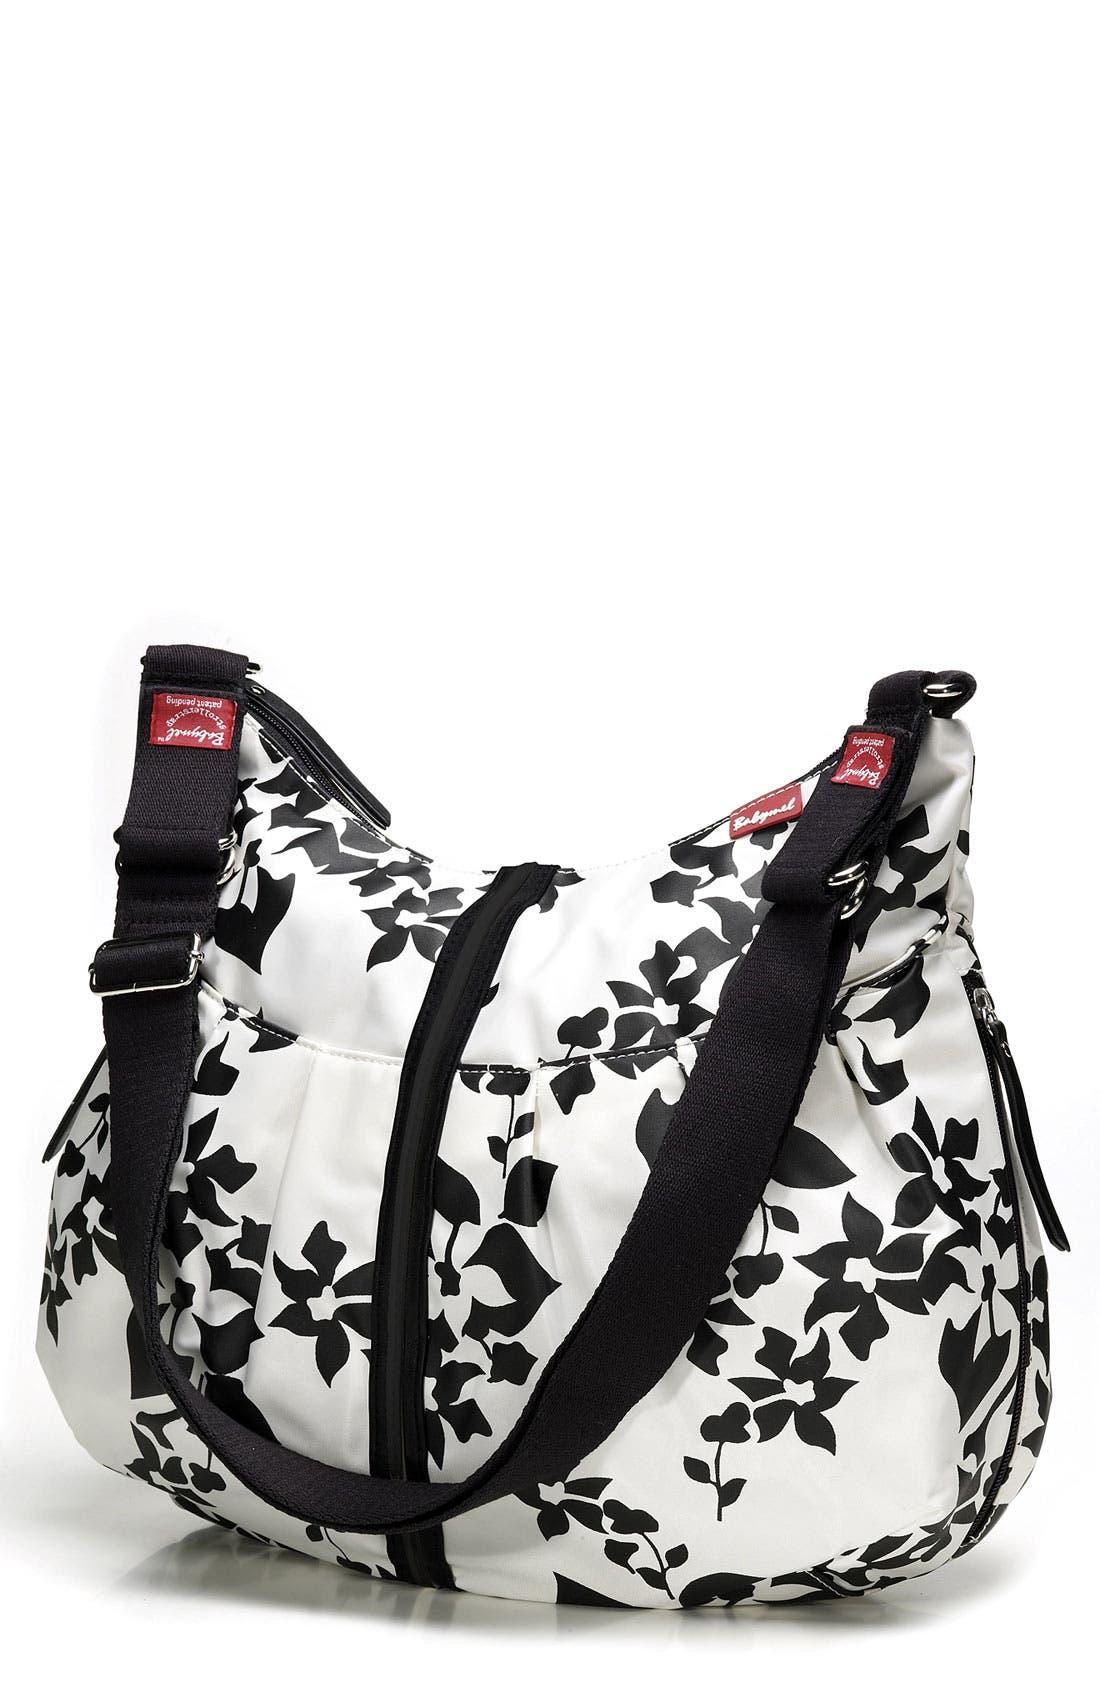 Alternate Image 1 Selected - Babymel 'Amanda Modern' Floral Diaper Bag